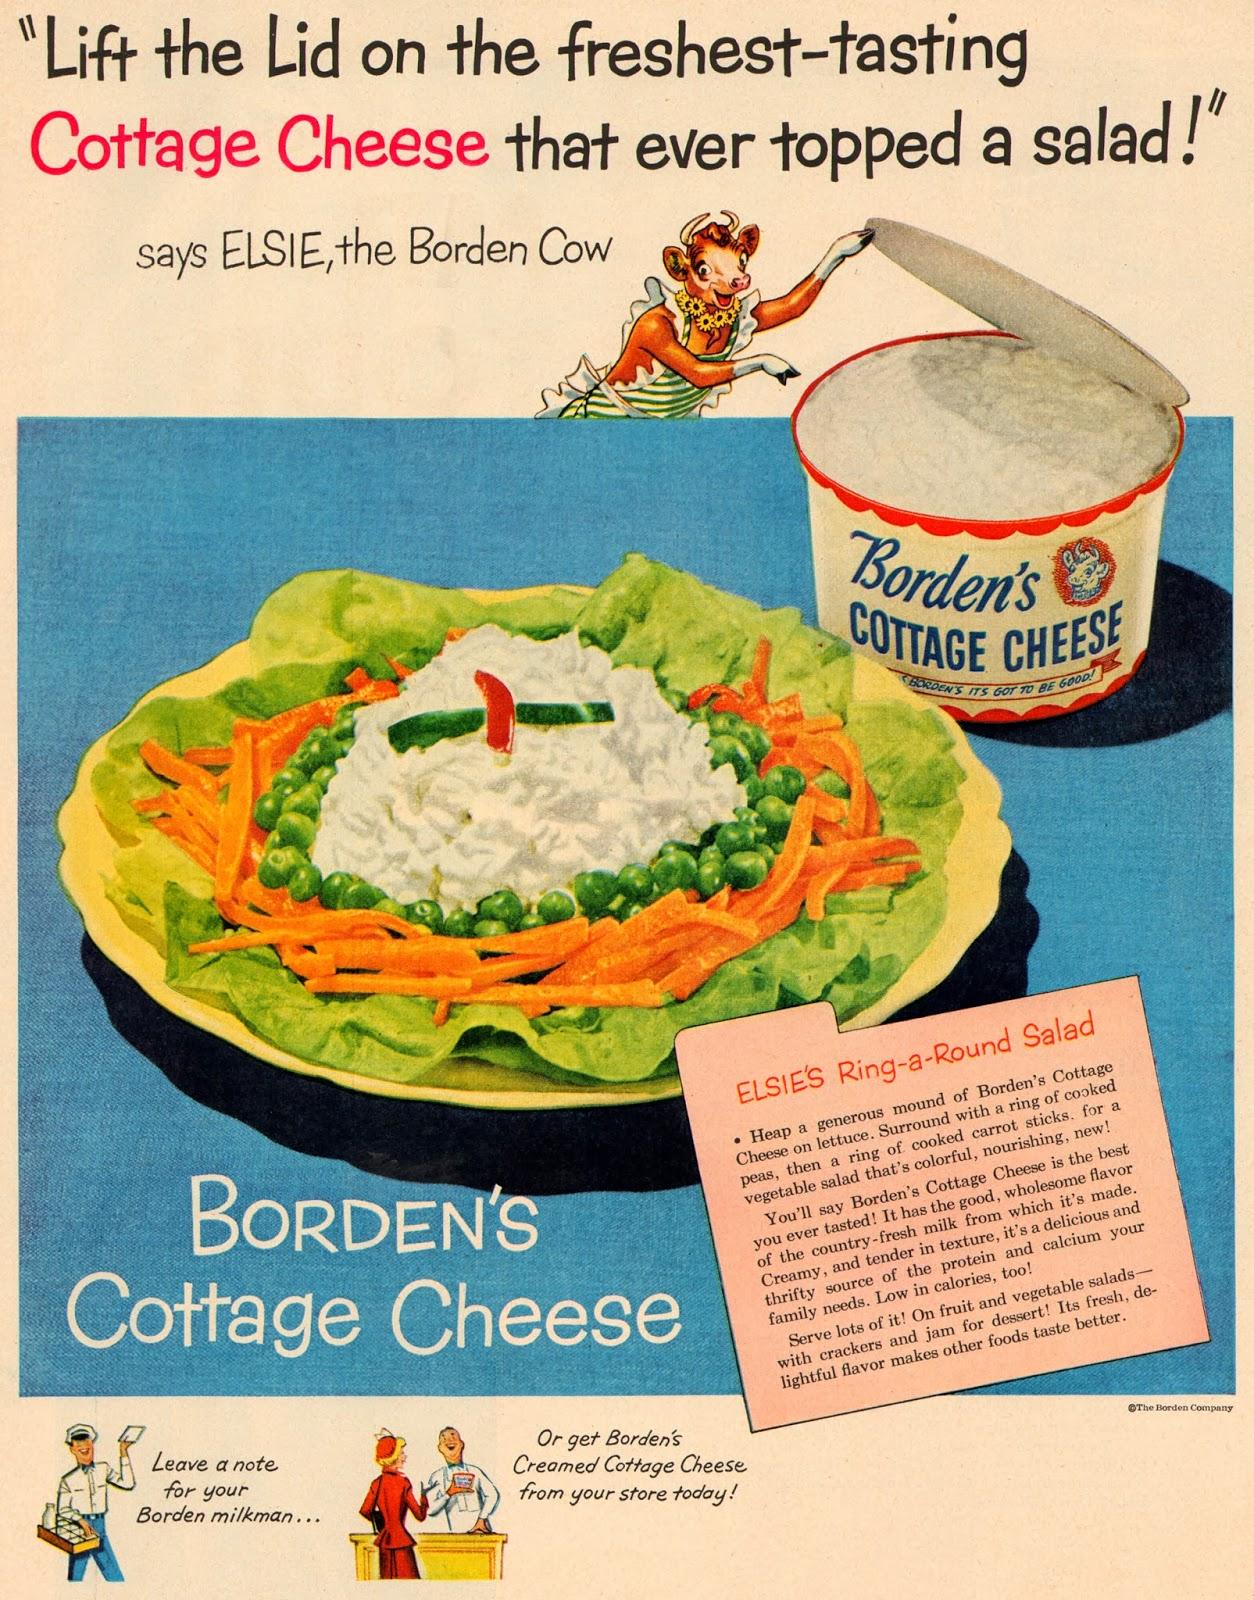 vintage-food-ads-1950s-8.jpg